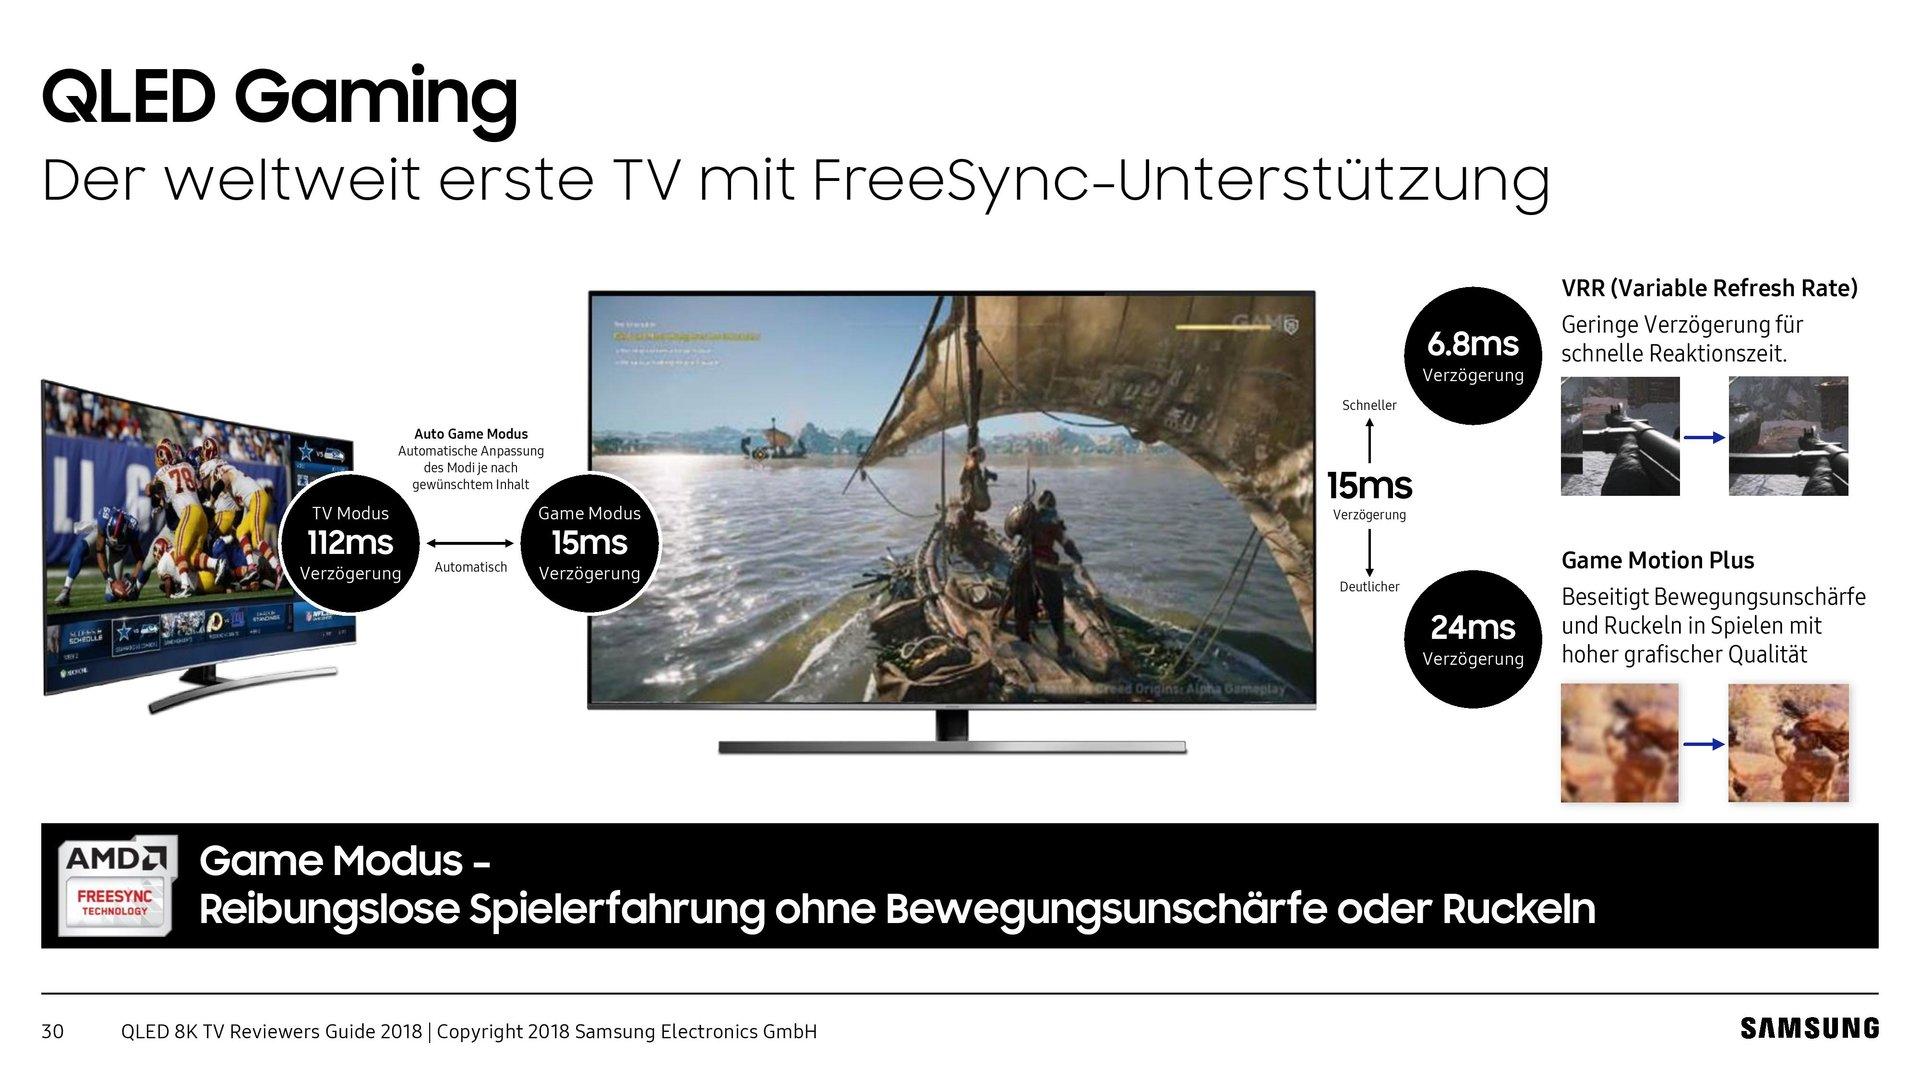 Die Q900-Serie unterstützt AMD FreeSync